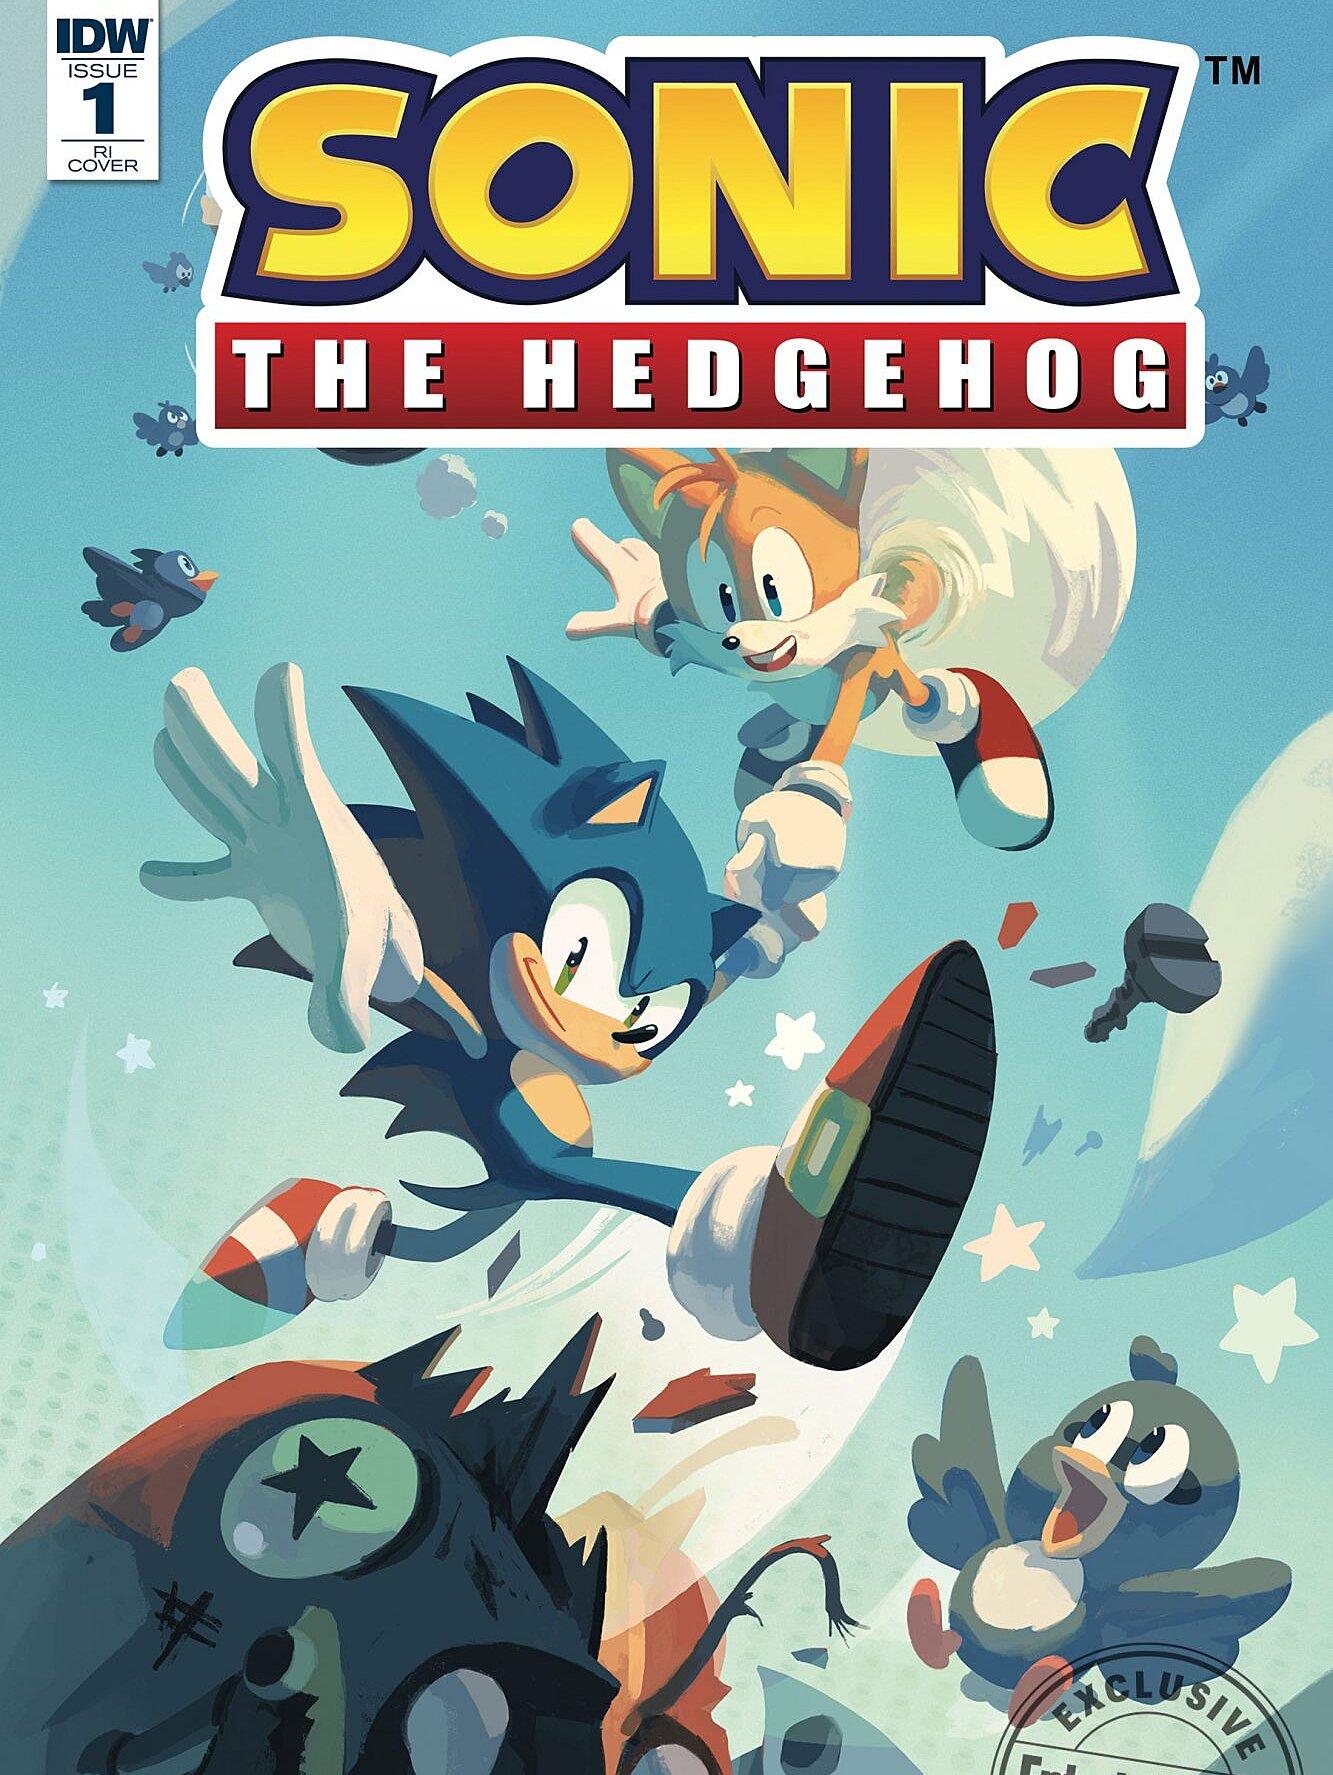 New Sonic The Hedgehog Comics Coming In April Ew Com